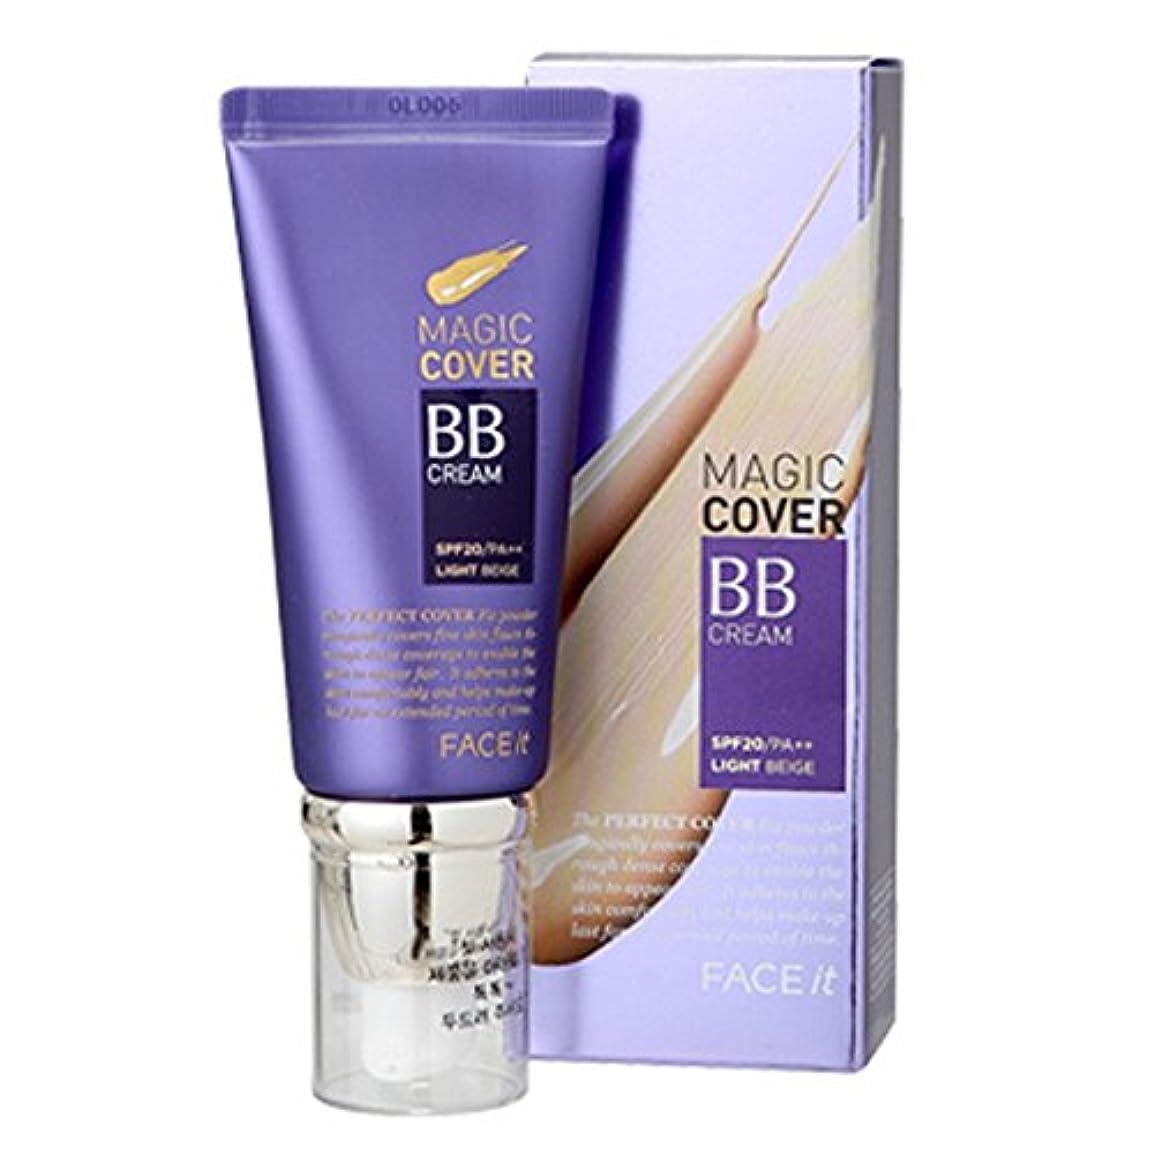 極めて重要な悲しいことに豚肉ザフェイスショップ The Face Shop Face It Magic Cover BB Cream 45ml (01 Light Beige)